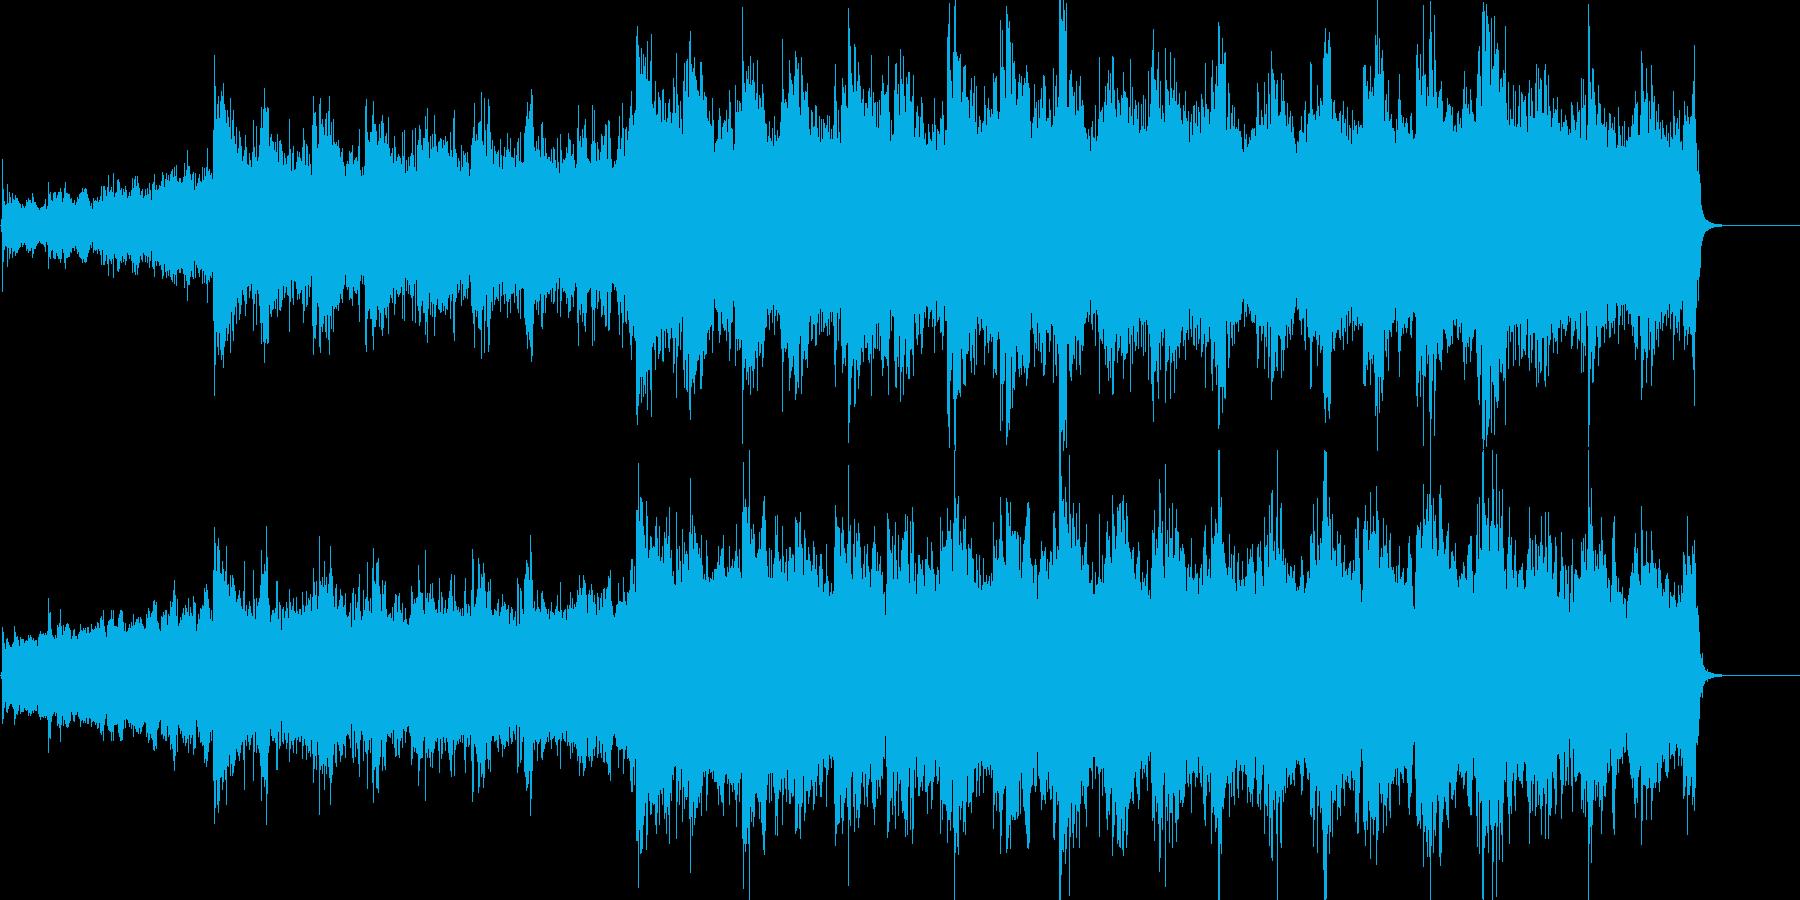 映画予告編のような感動オーケストラ曲の再生済みの波形